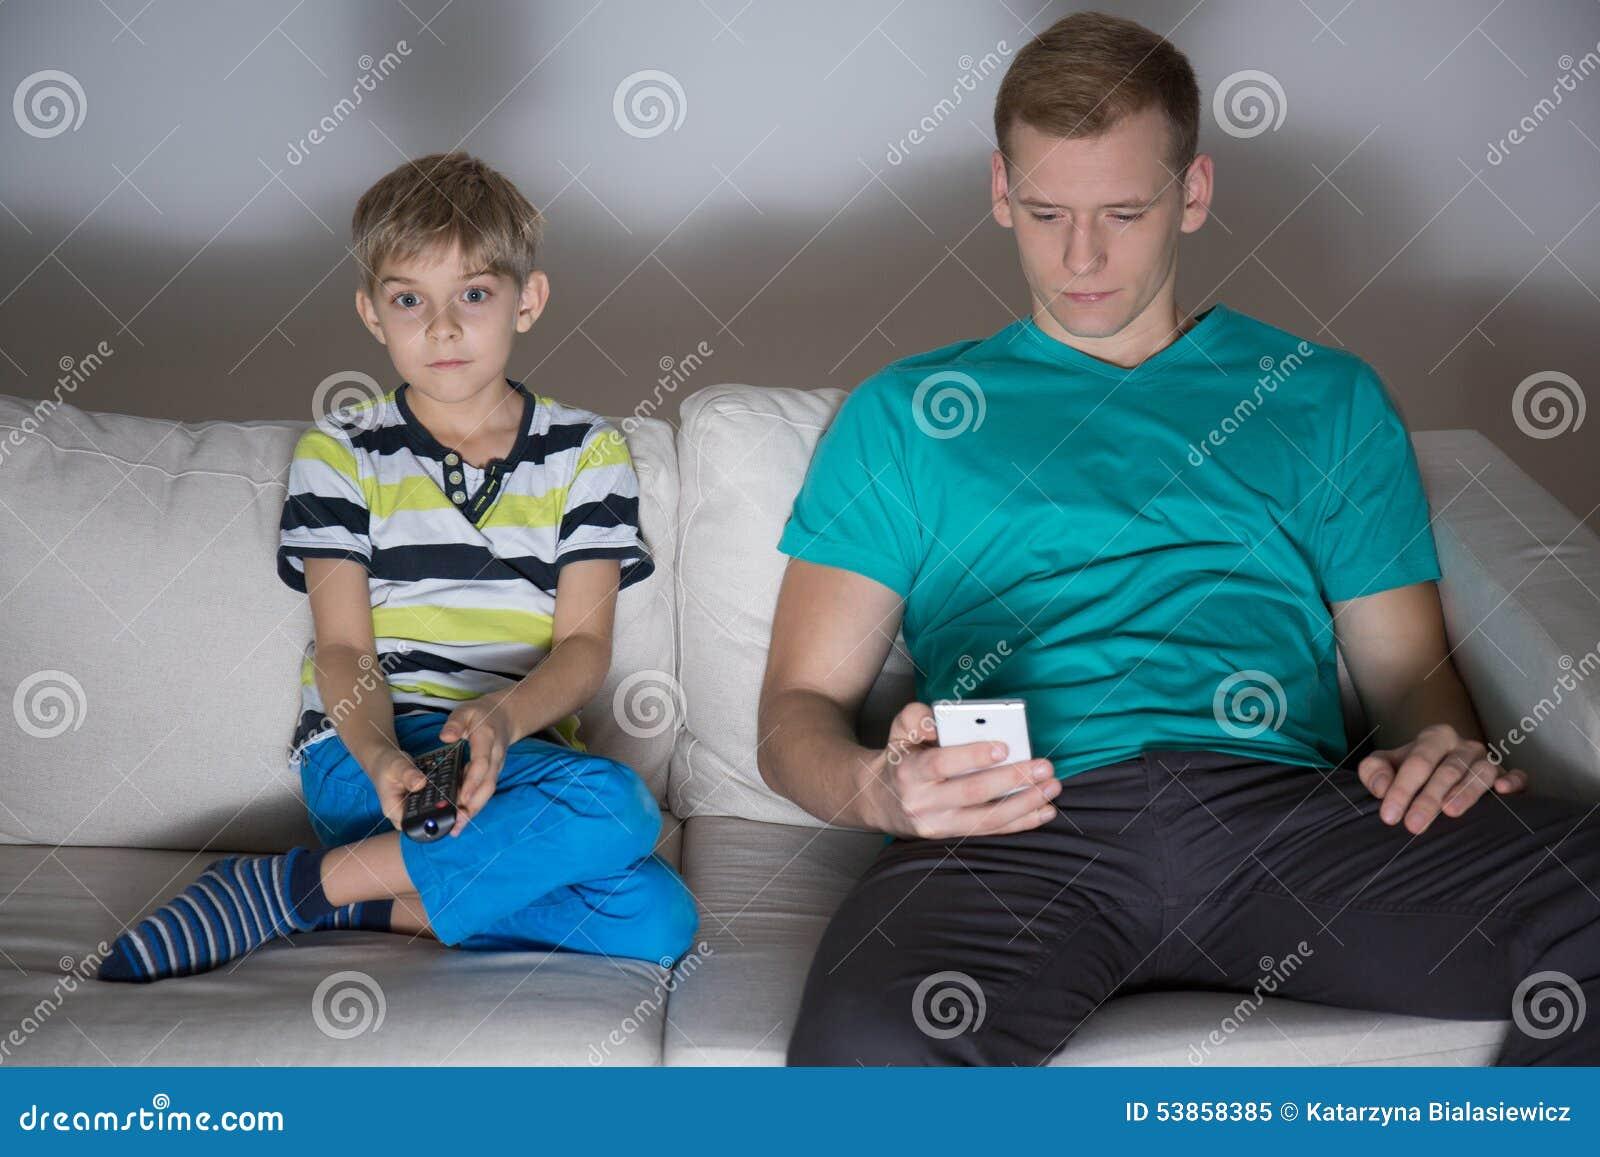 使用电话的孩子看电视的和爸爸 库存照片 - 图片